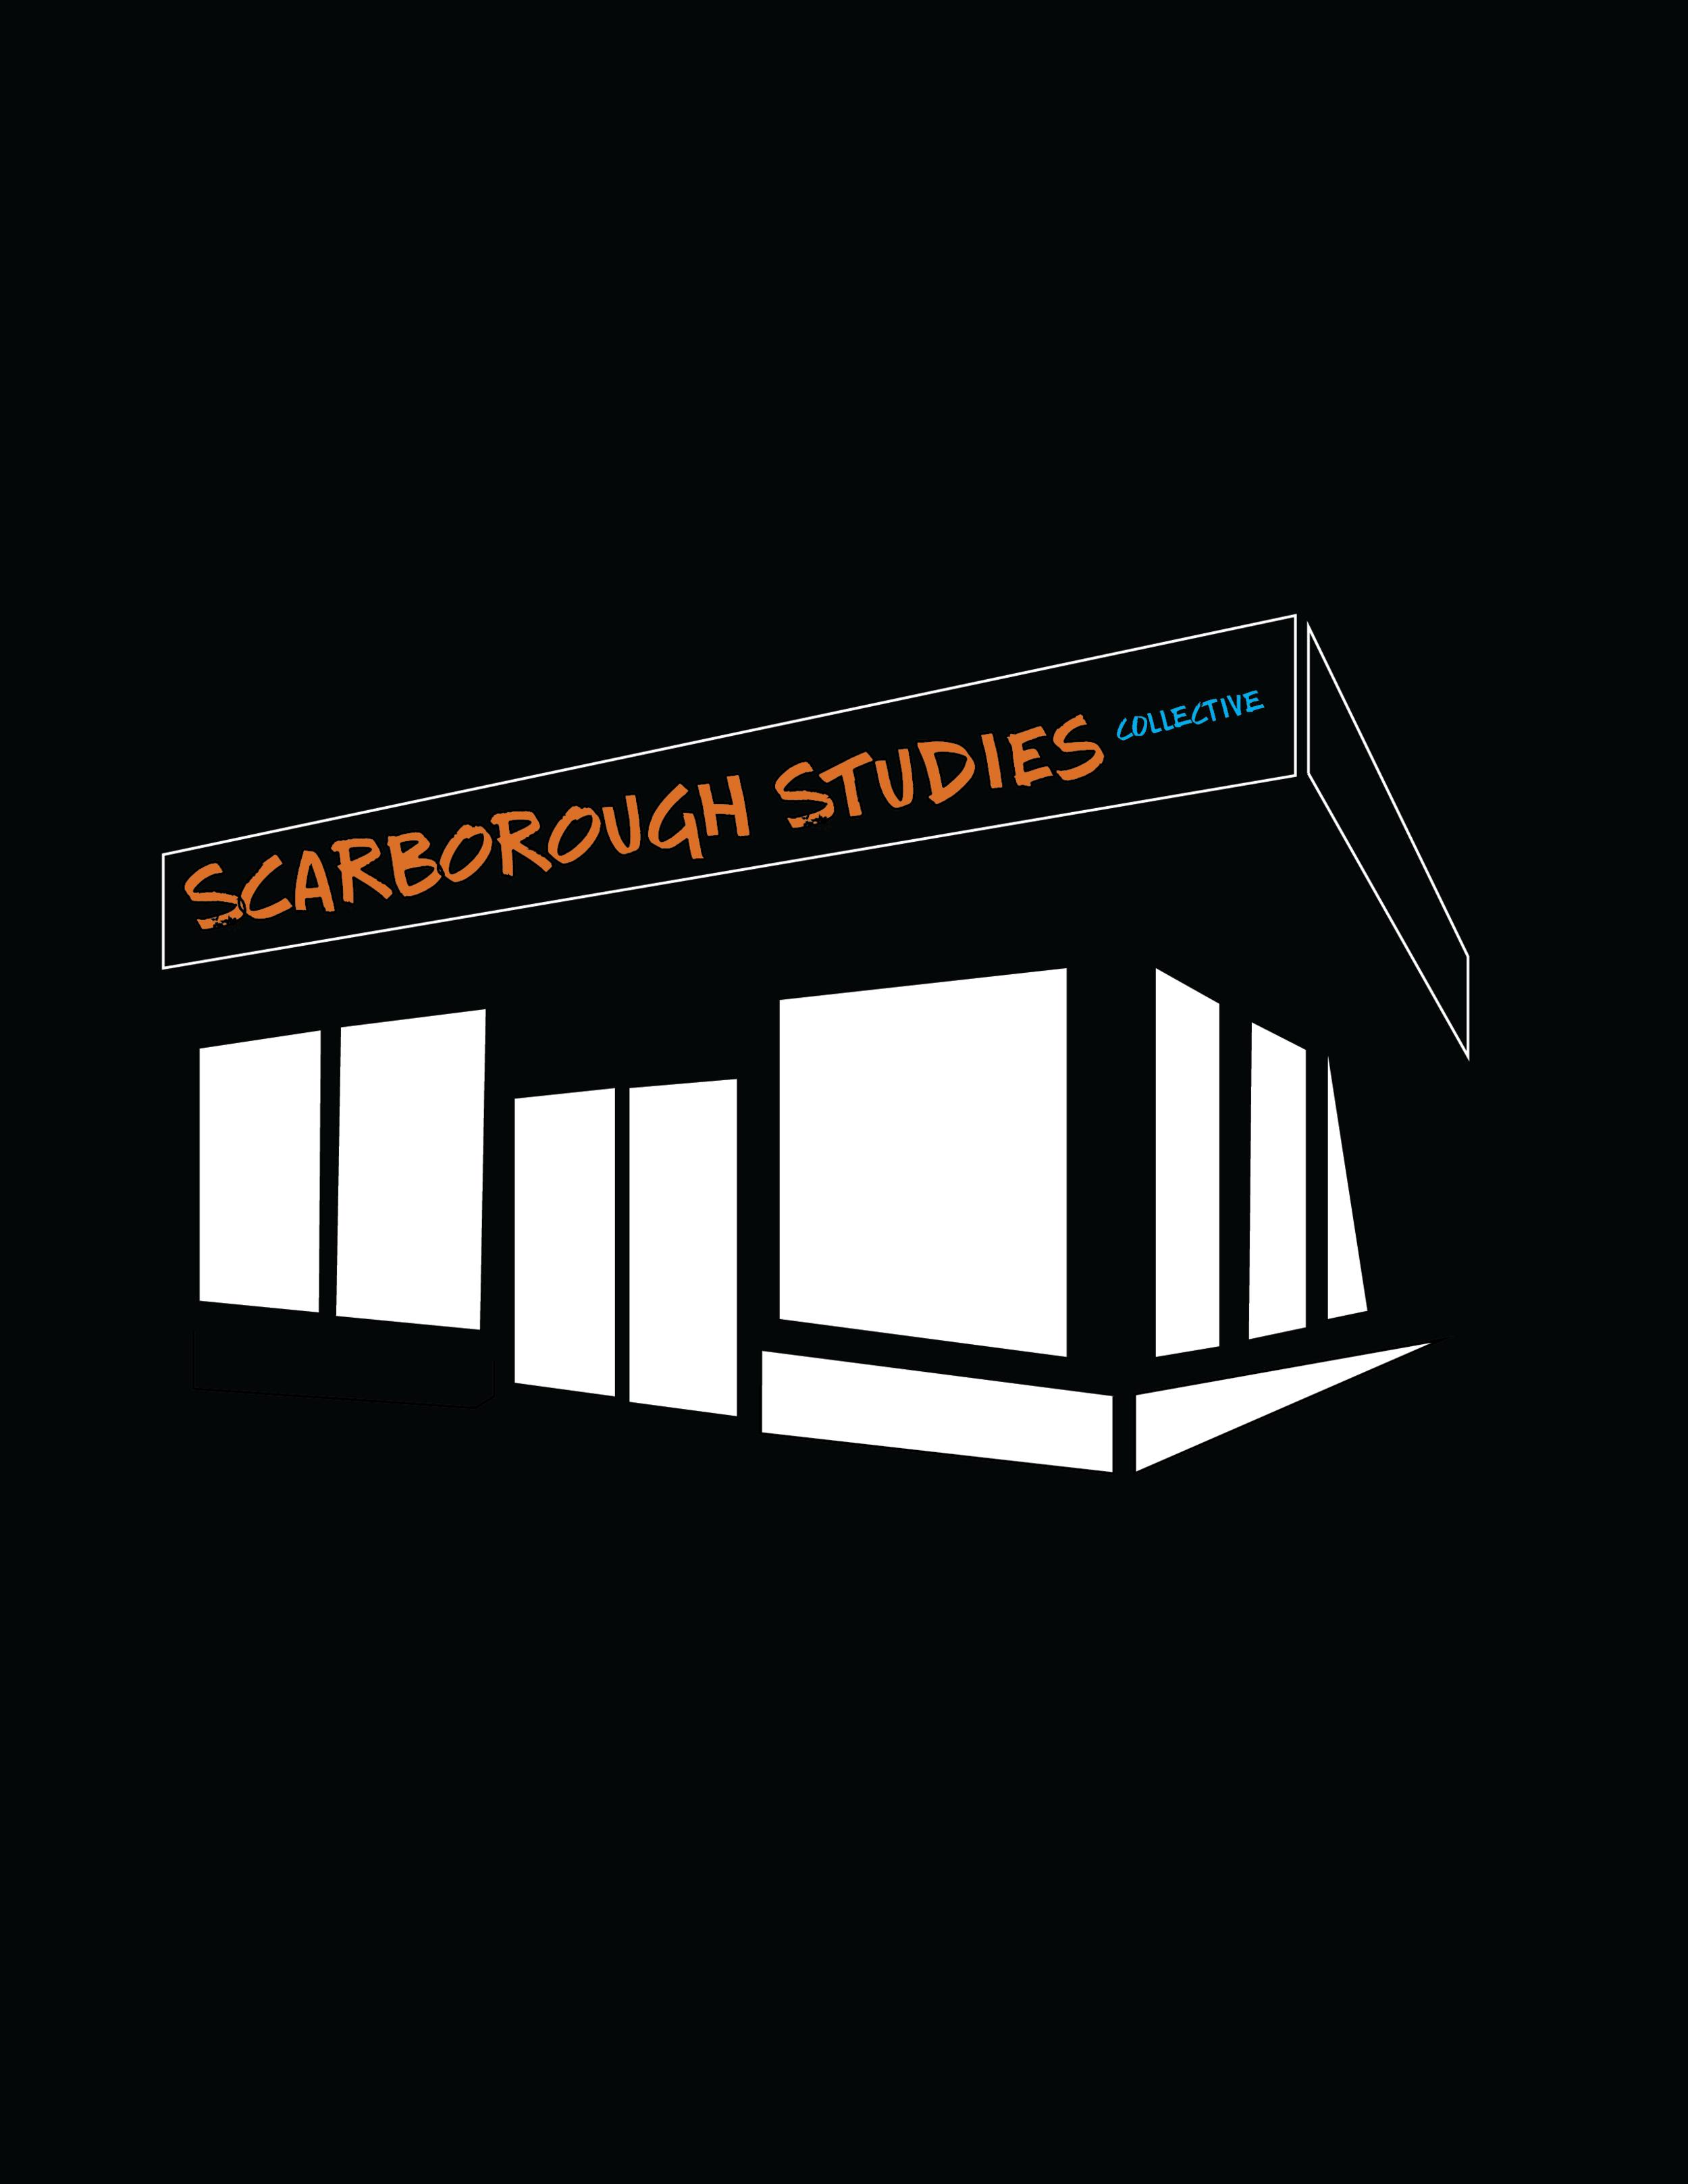 bynoorkhan_ScarboroughStudies_LogoDesign_3.png